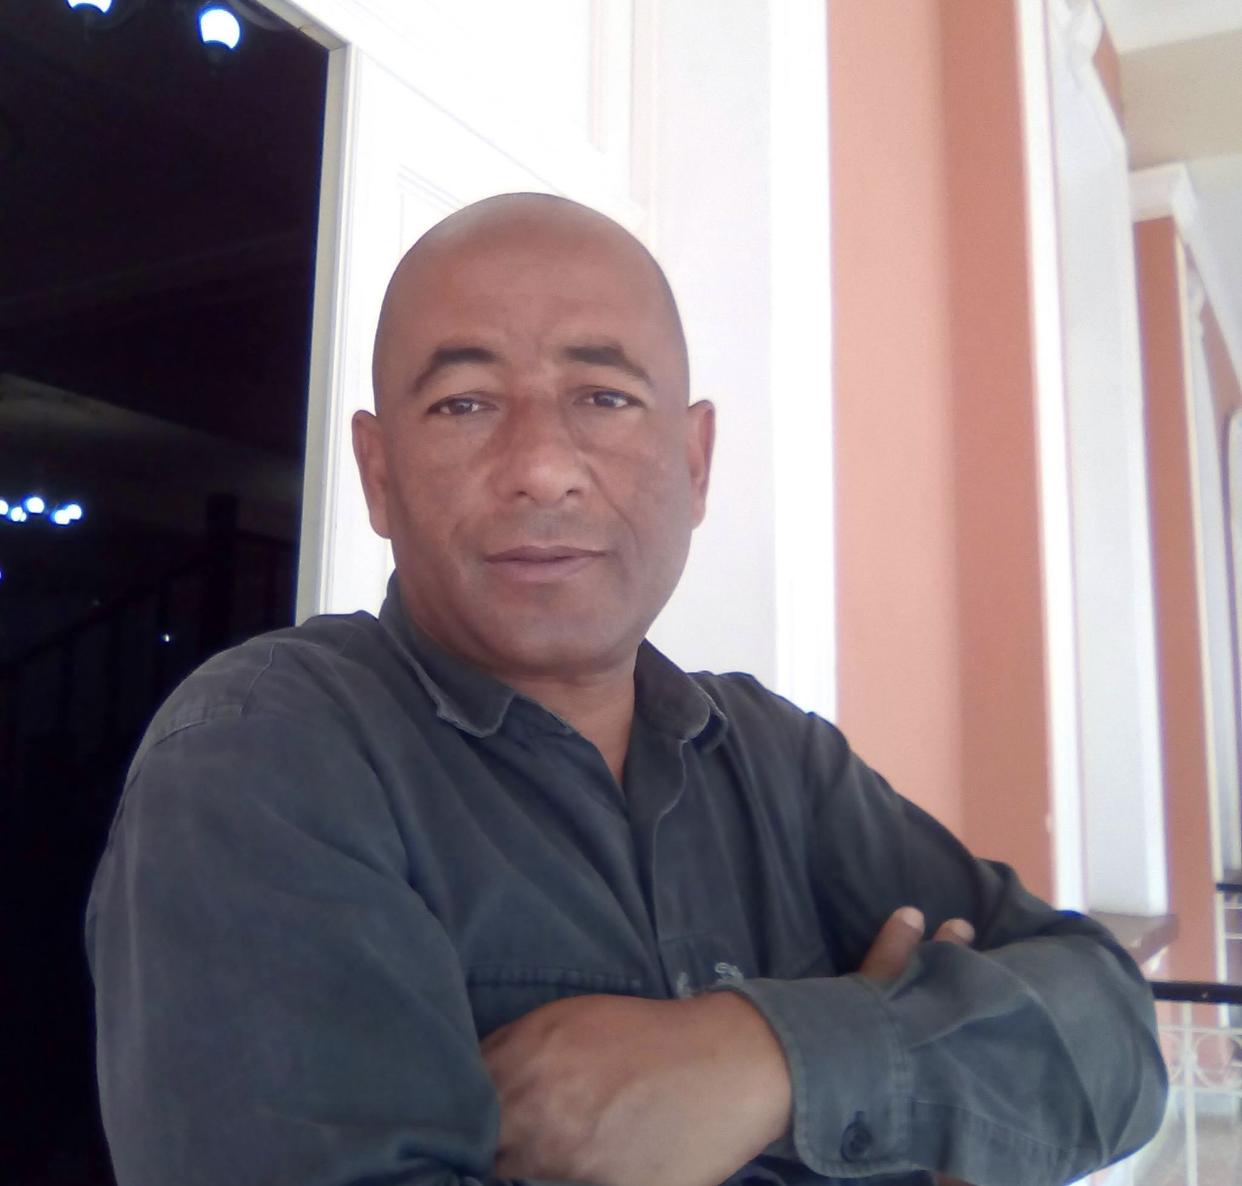 Cristobal Peñalver